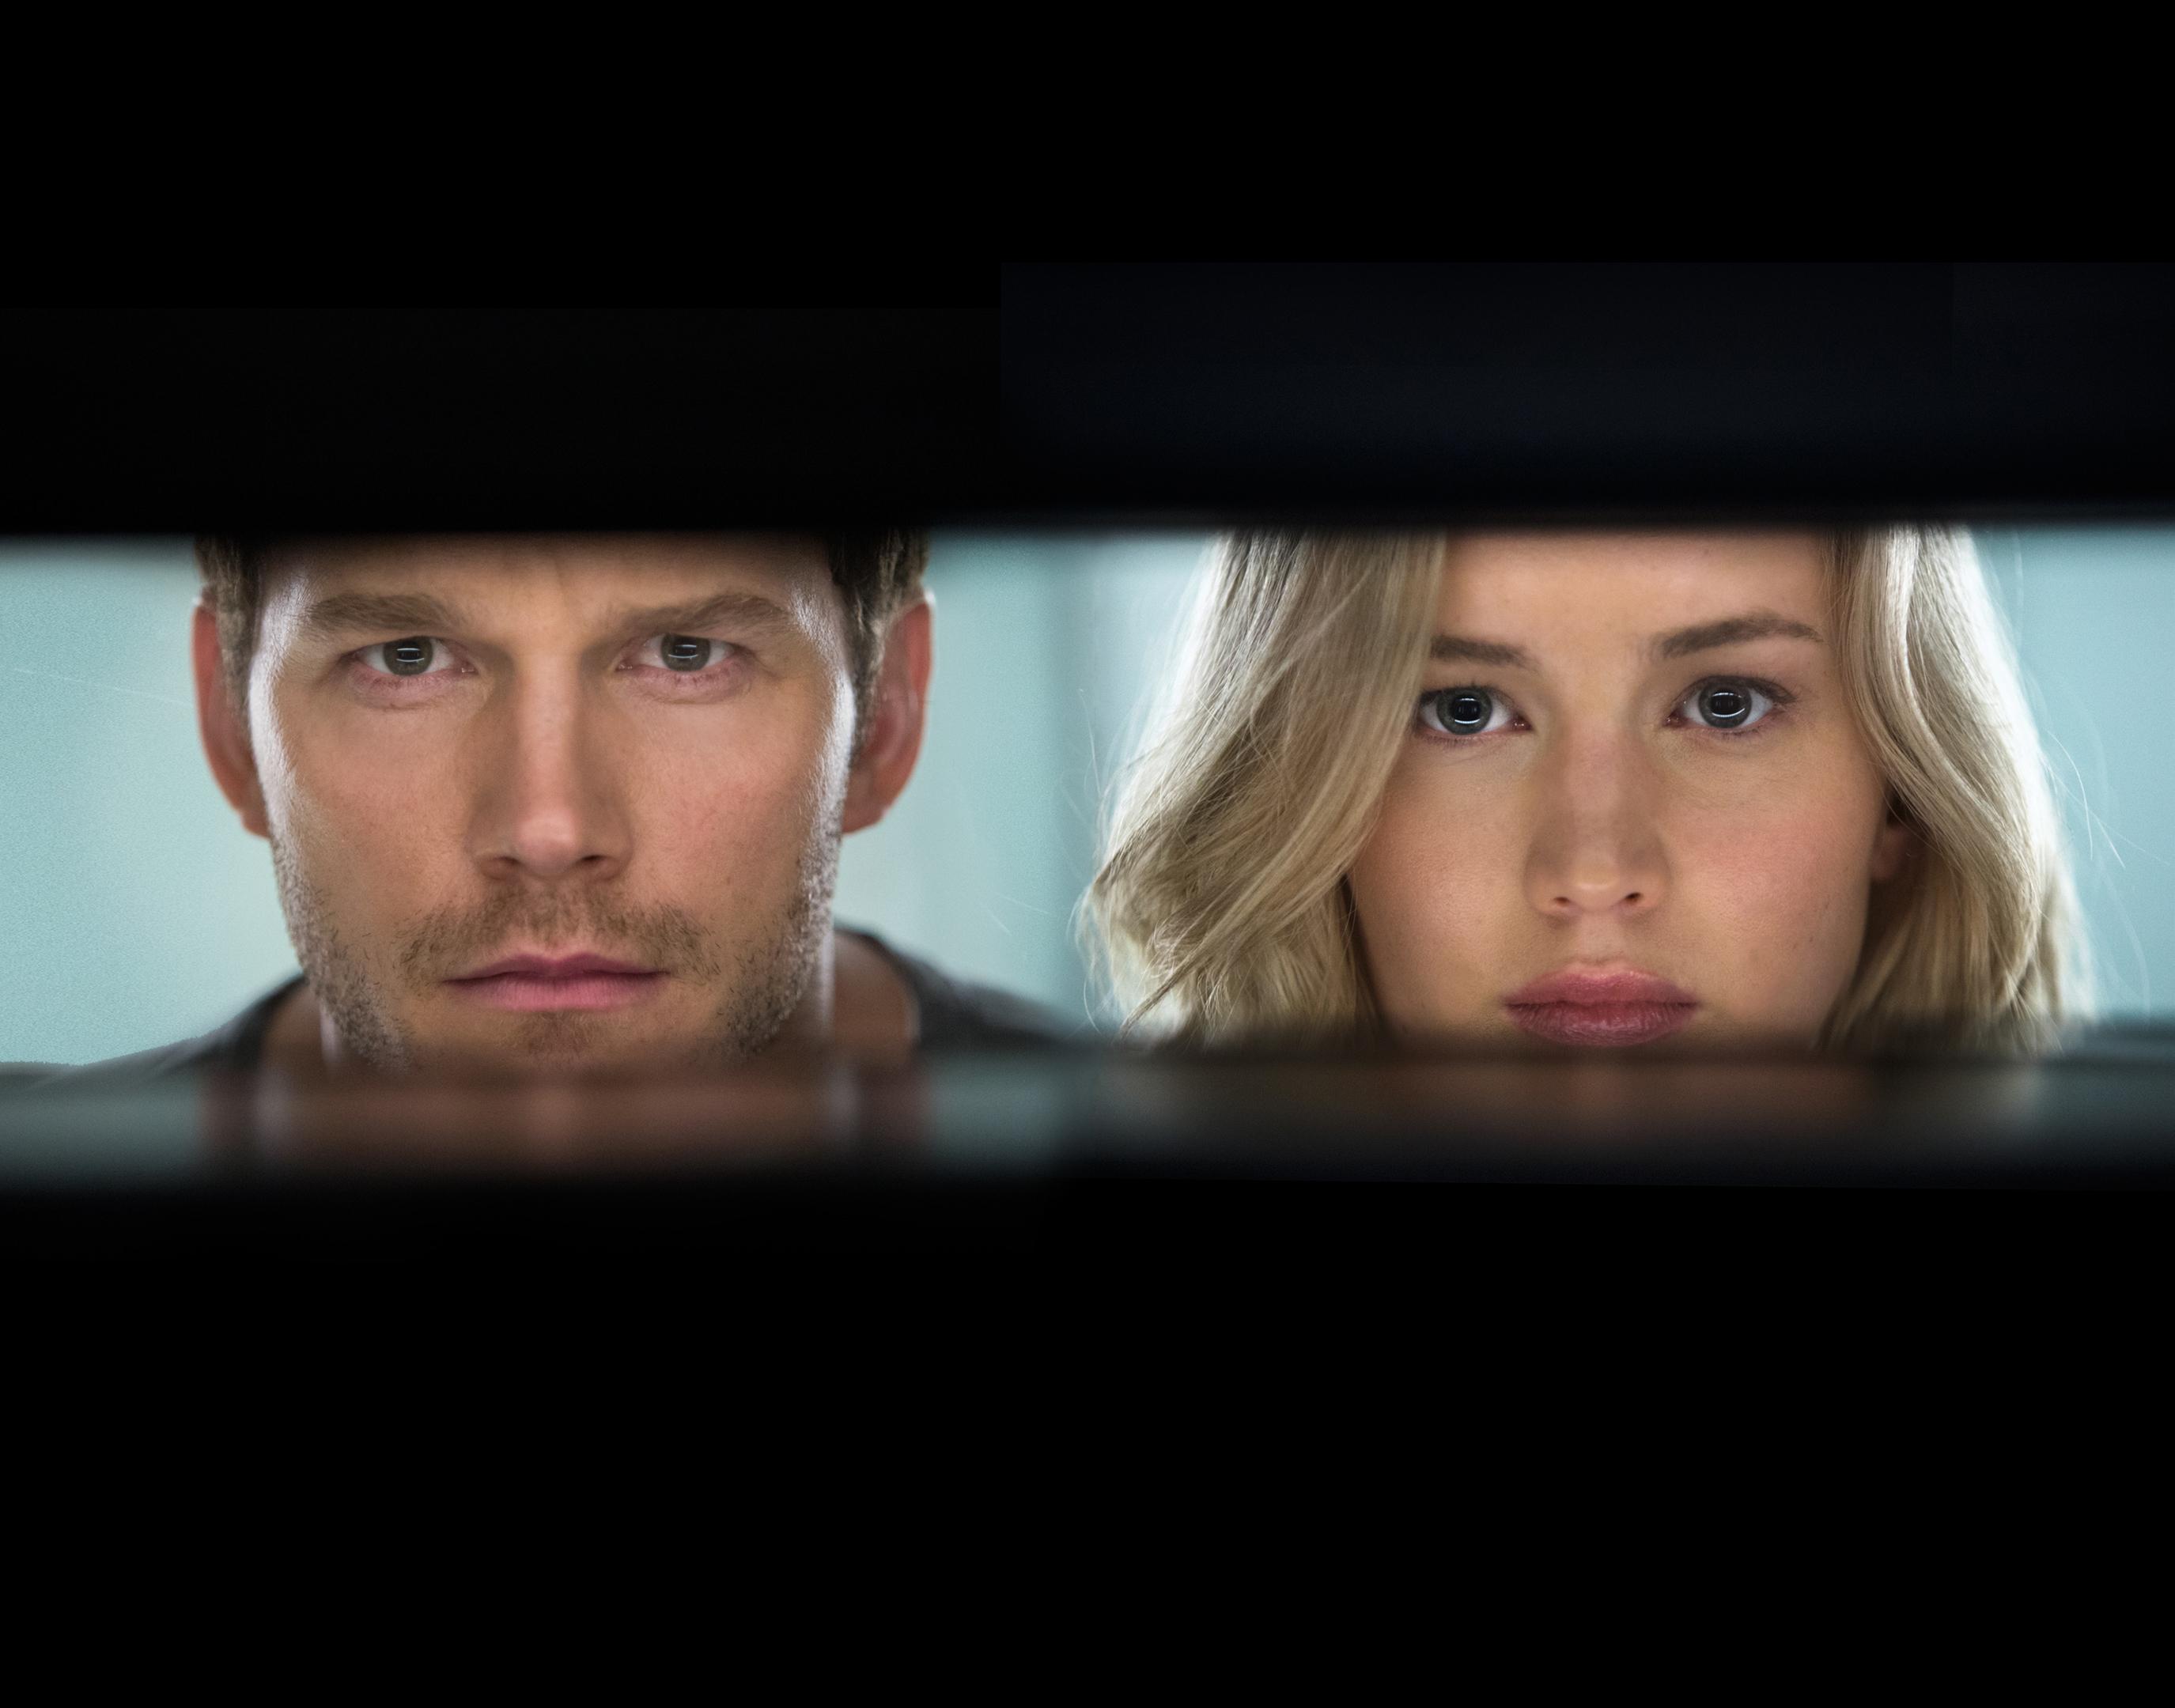 50 оттенков серого 2015 смотреть онлайн фильм бесплатно